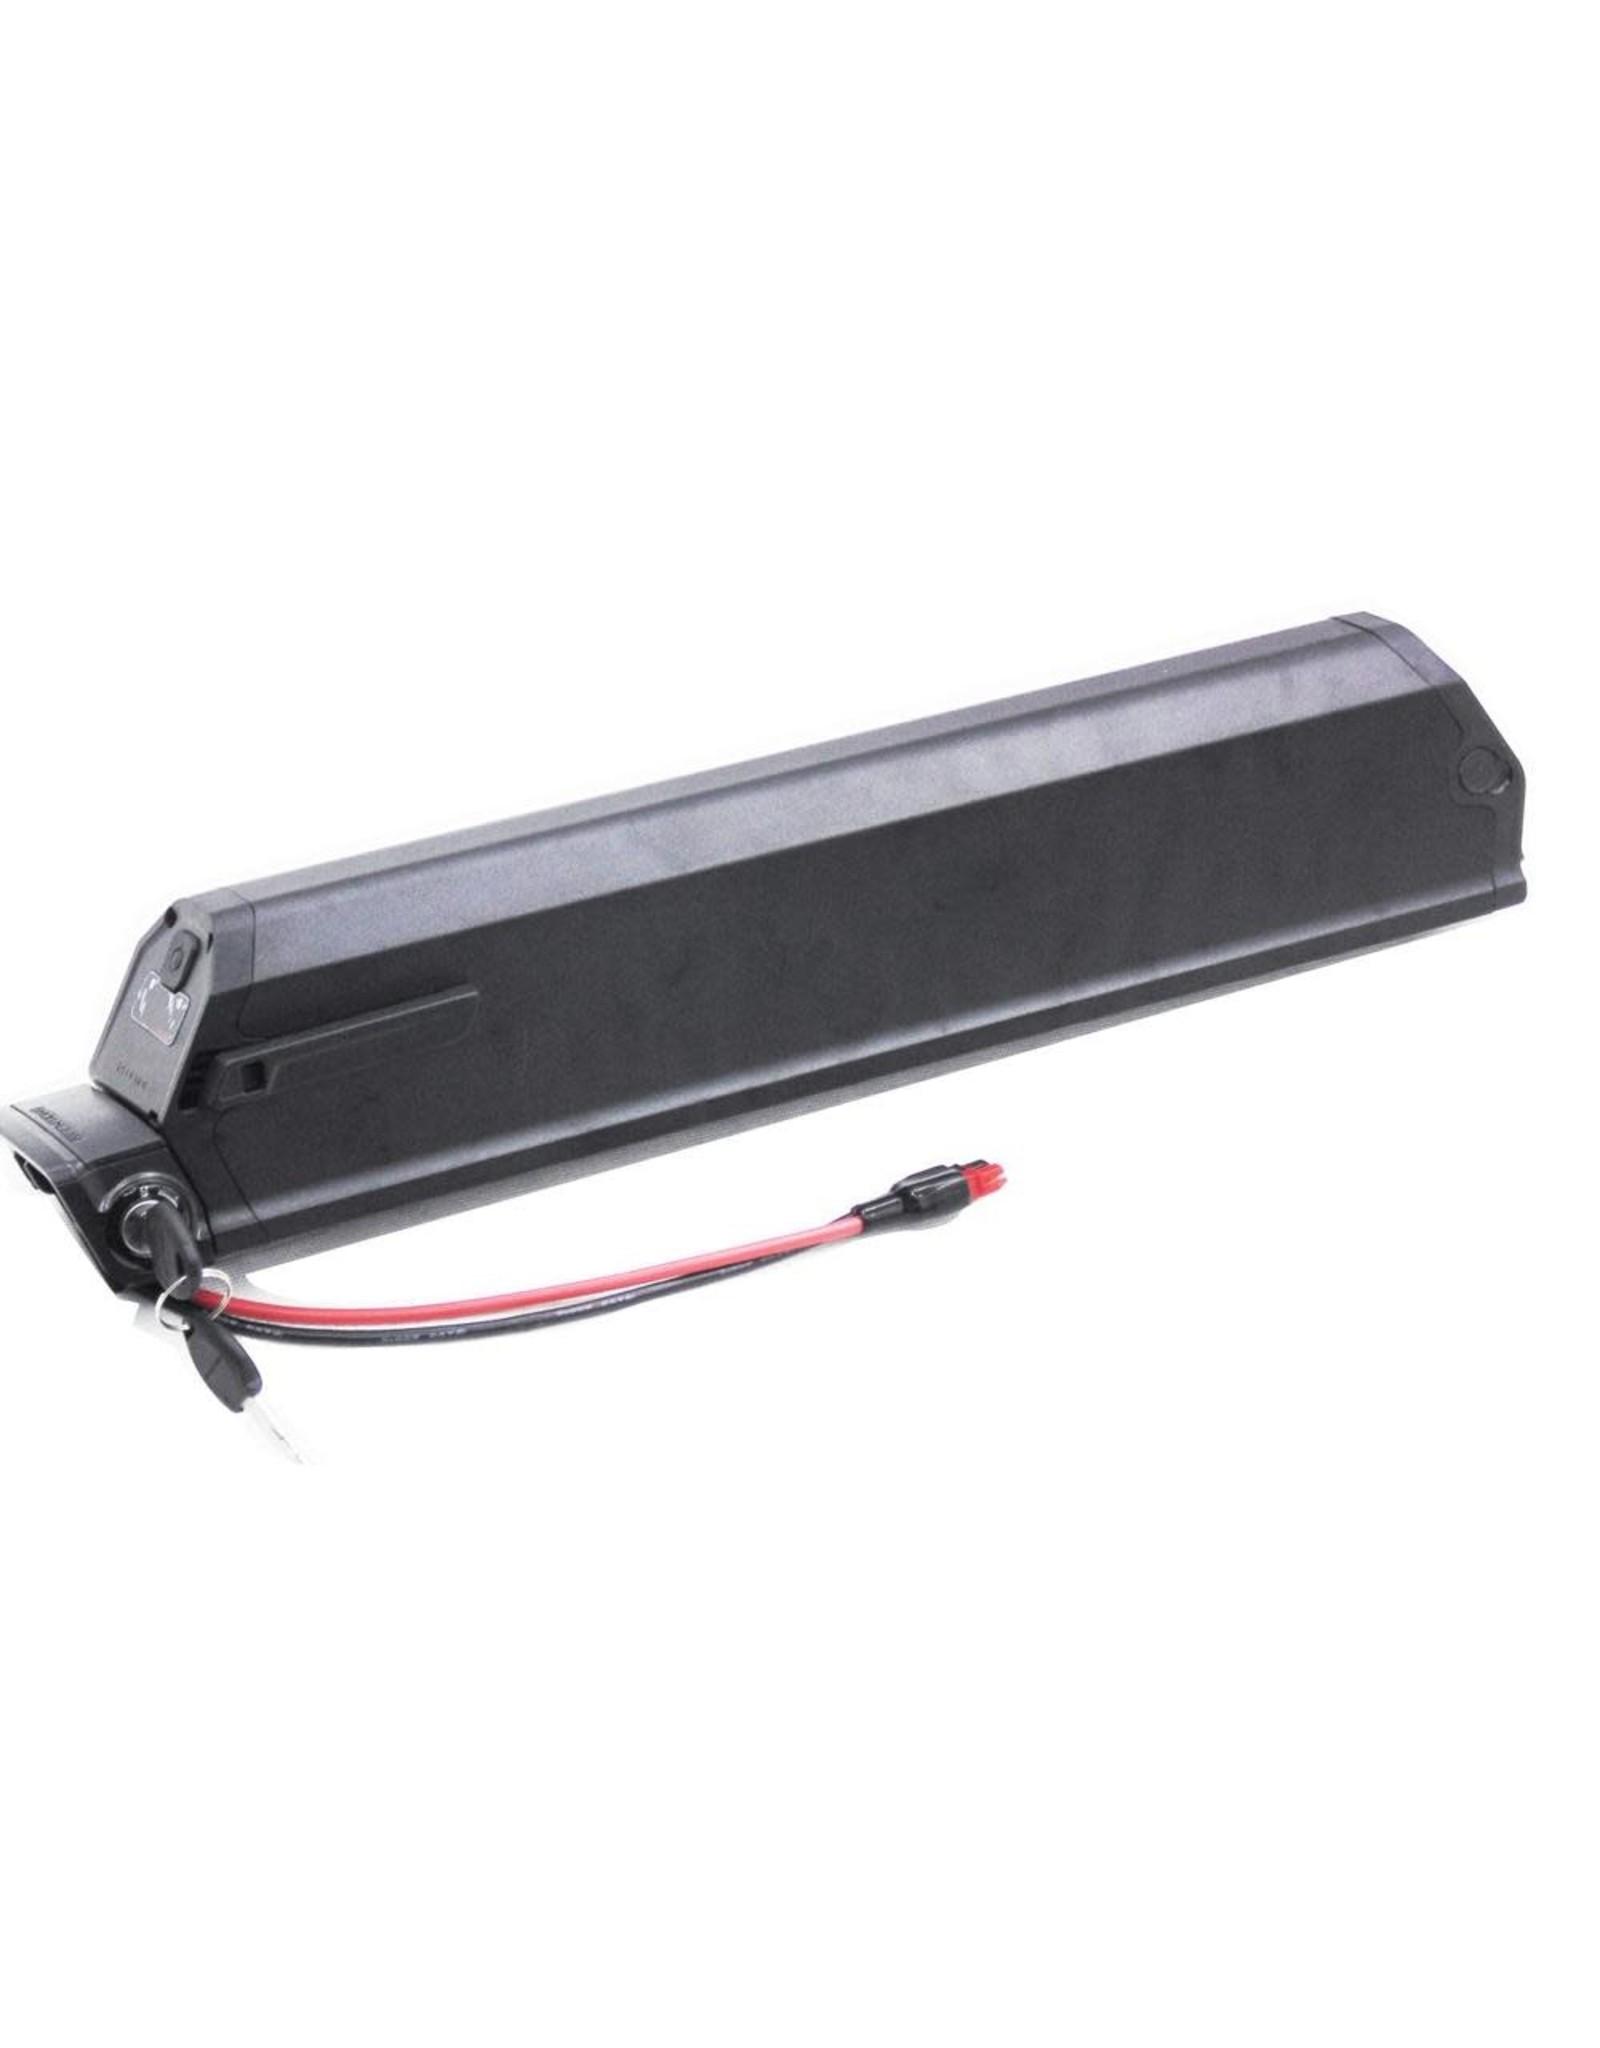 Batterie Dorado Pro36V 11.6Ah  417Wh Noire pour vélo électrique